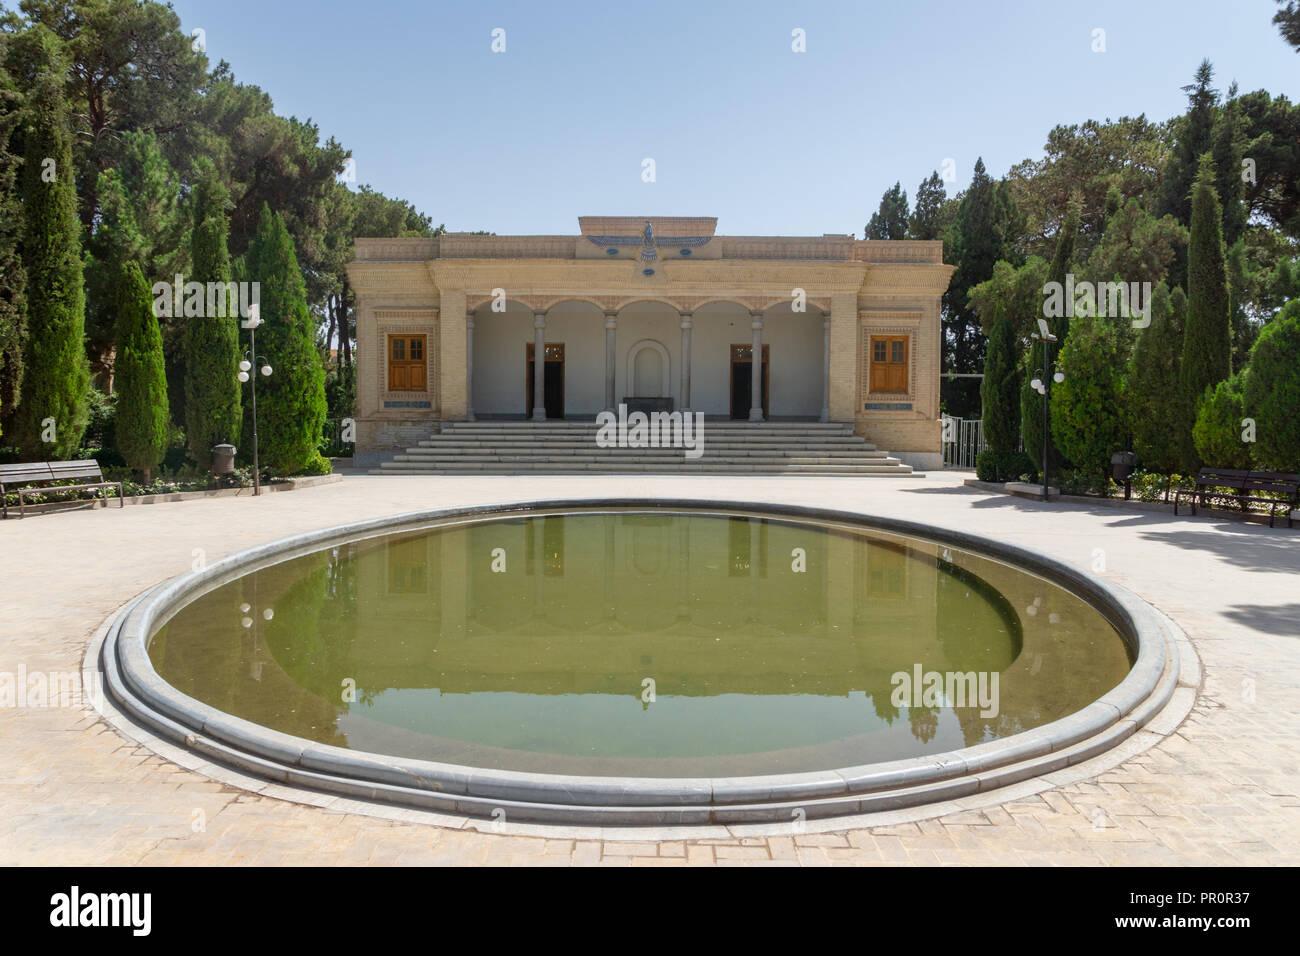 Garden And Park Iran Stock Photos Garden And Park Iran Stock Images Alamy